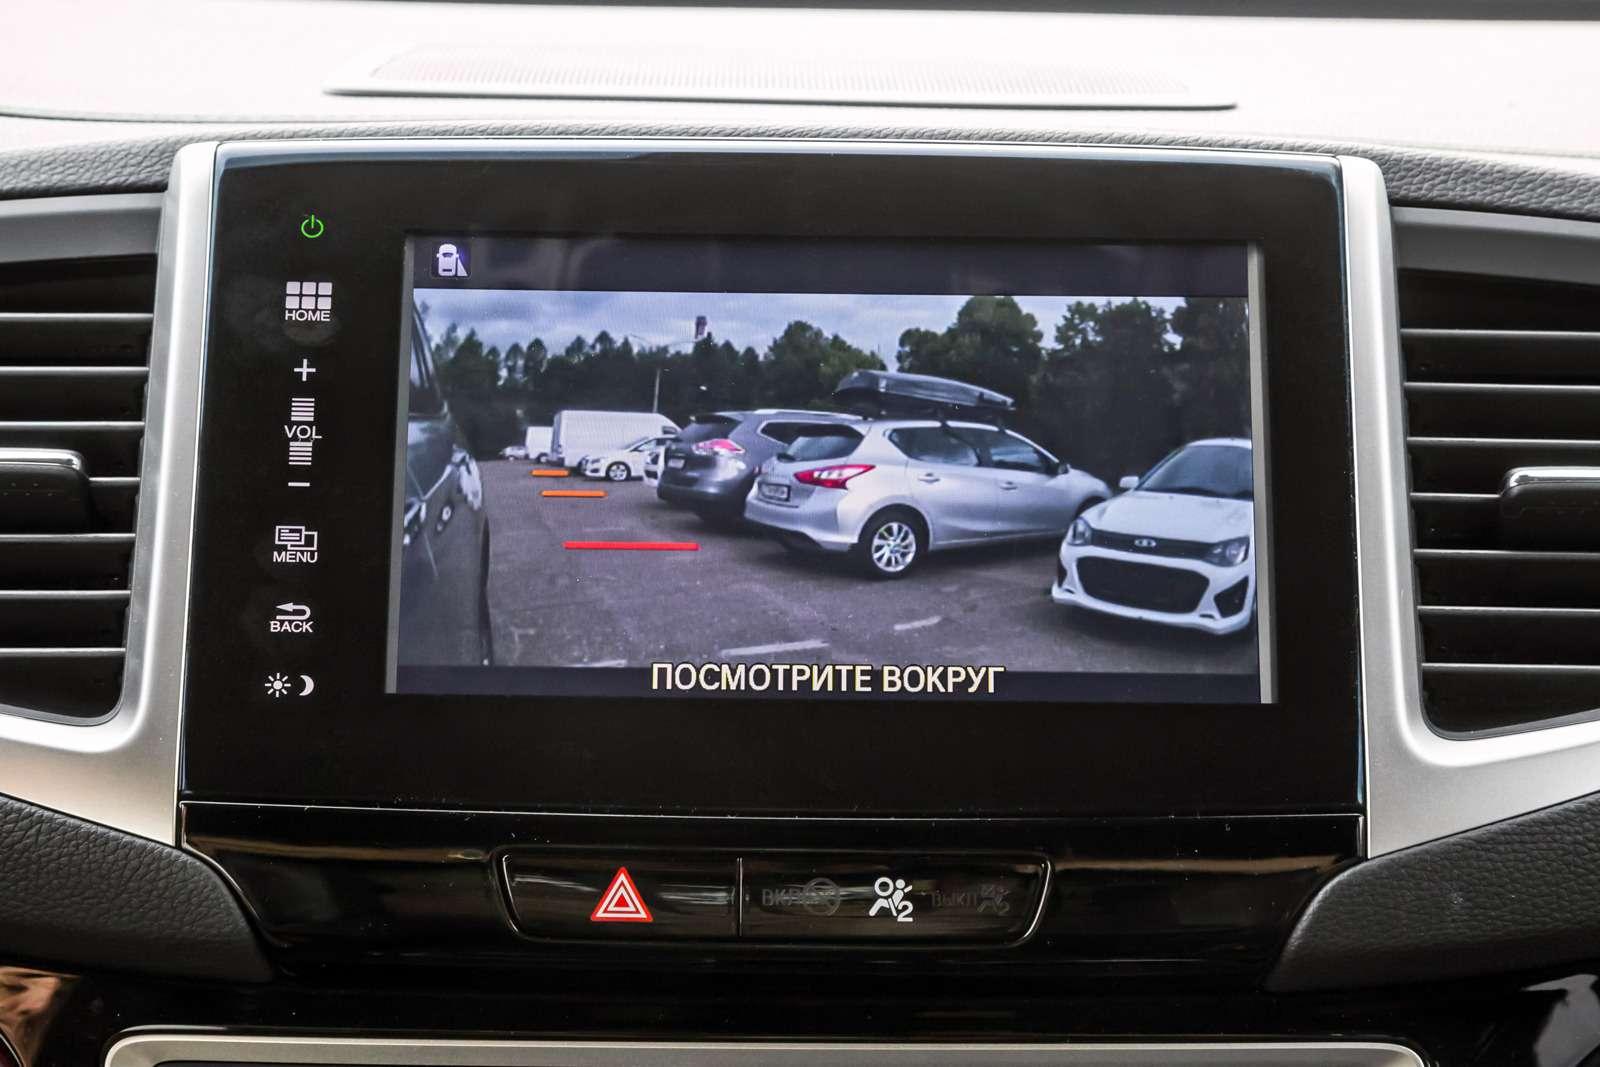 Тест полноразмерных кроссоверов: Honda Pilot, Kia Sorento Prime иFord Explorer— фото 614975